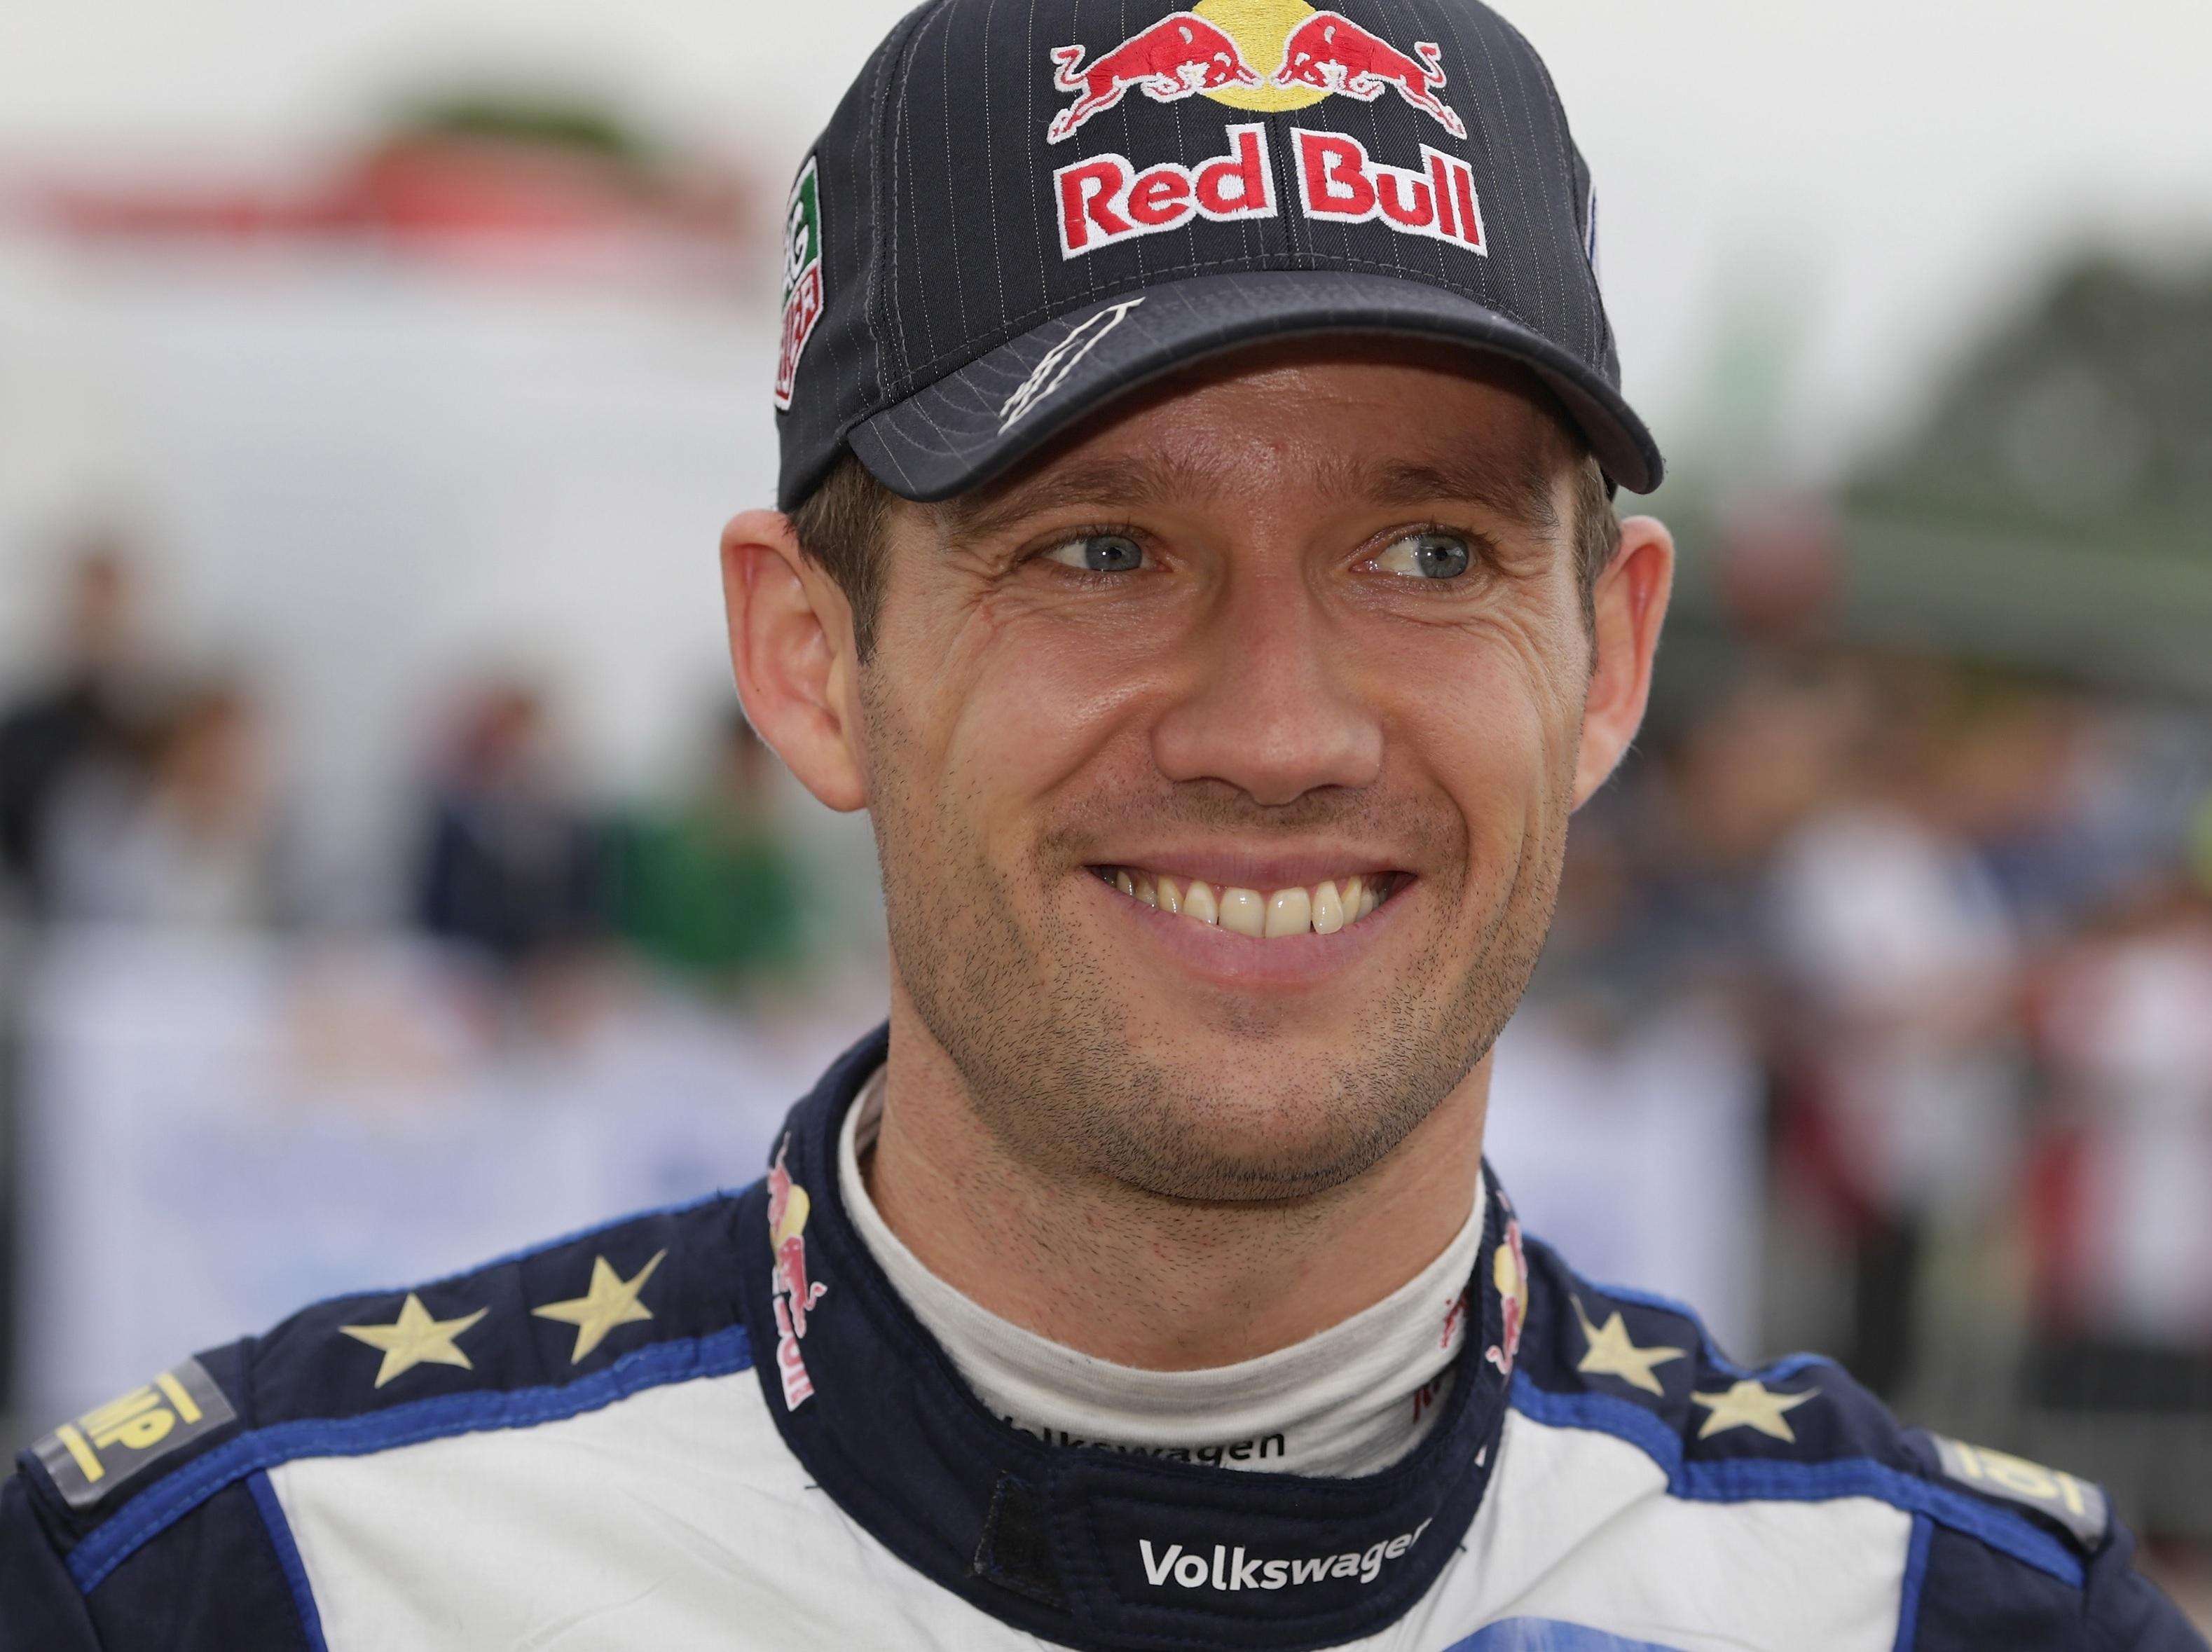 Vi må helt tilbake til 2003 for å finne en verdensmester i rally som ikke heter Sebastien til fornavn. Det sier sitt om den vanvittige dominansen som de to rallykongene Loeb og Ogier har prestert de siste 16(!) årene.